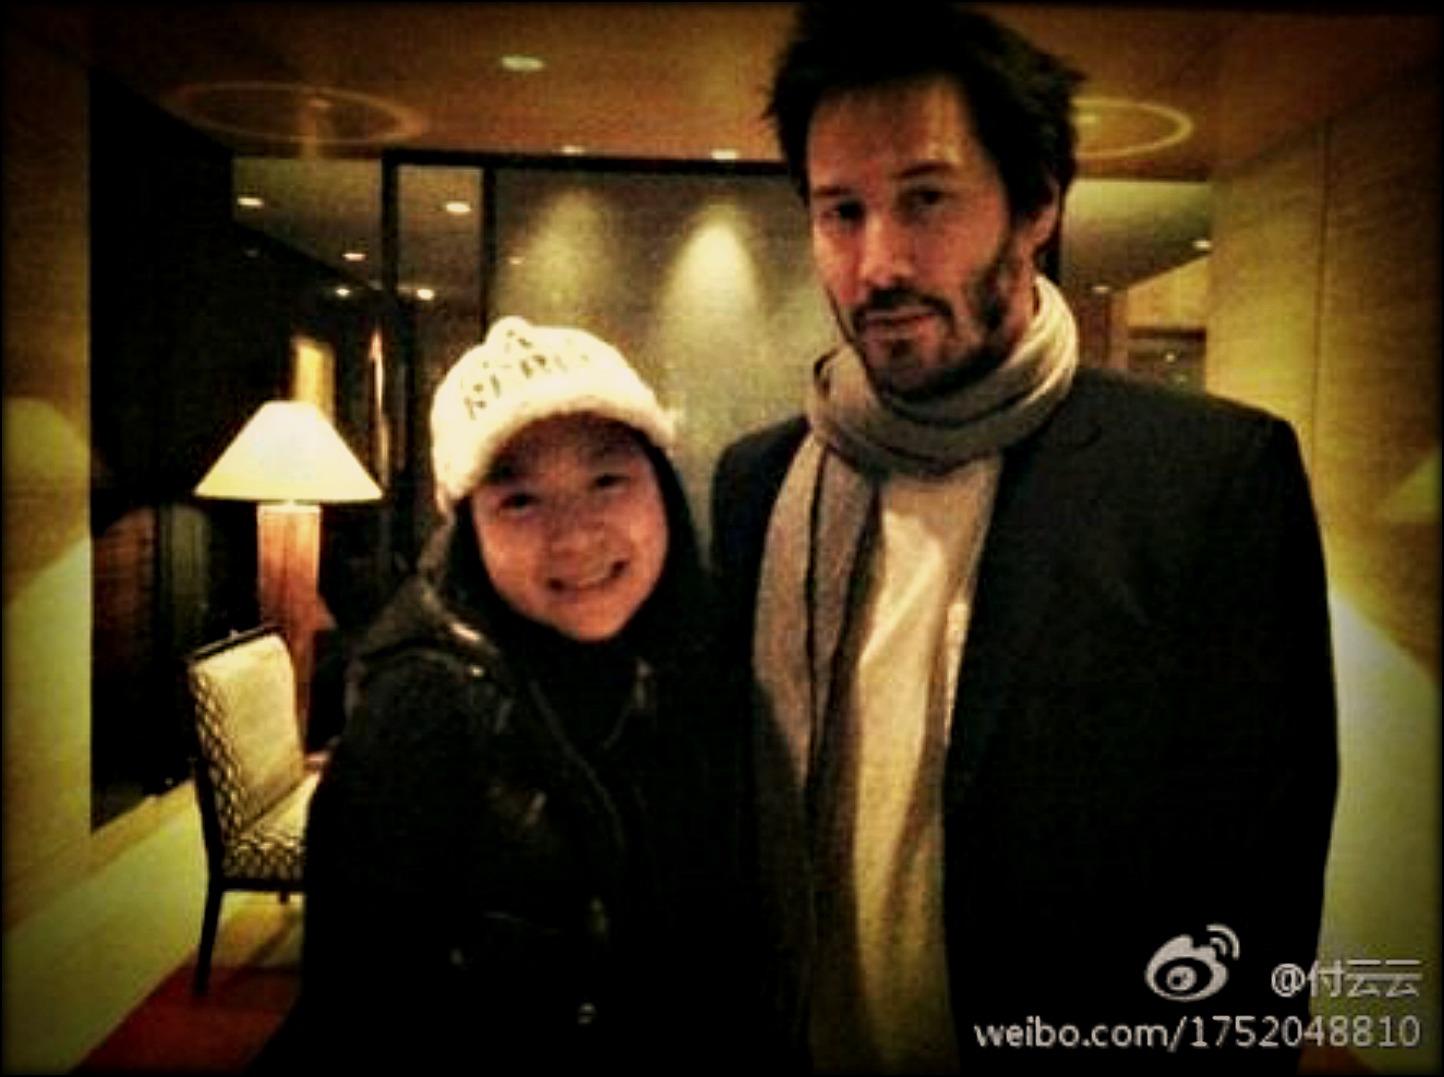 http://1.bp.blogspot.com/-qX7qmNwFDsc/Tr9h-IfOiNI/AAAAAAAAAbk/dyV5FsRyVdI/s1600/keanu+13-11-2011+Beijing+Keanu_-_Nov_12%252C_2011%2528PRM%2529.jpg